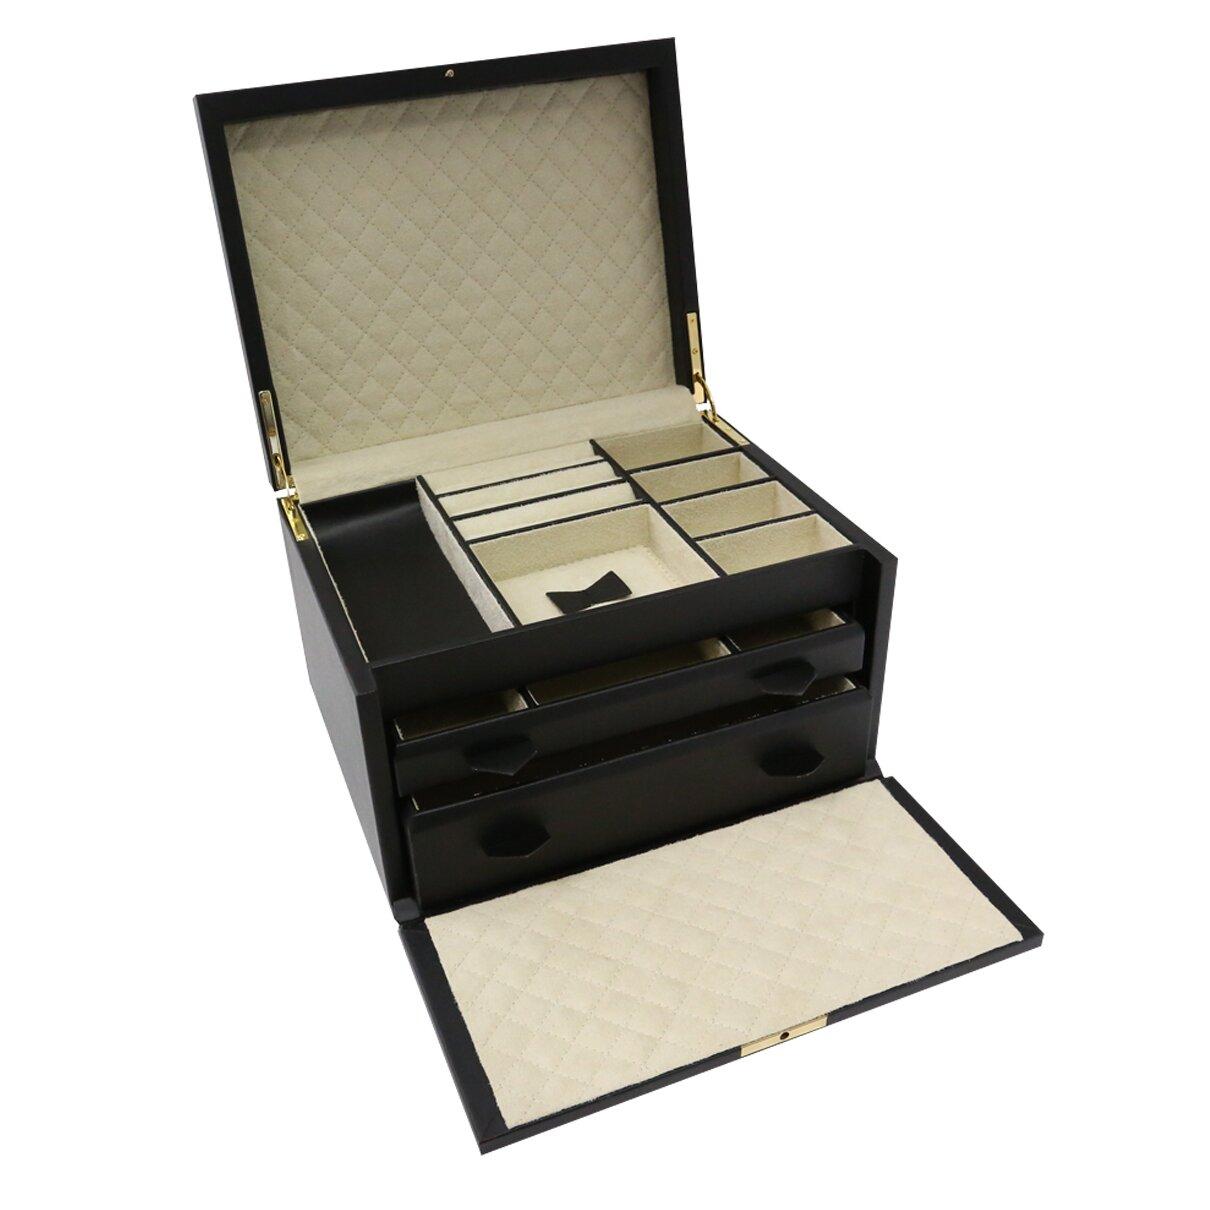 Bey berk 3 level jewellery box for Bey berk jewelry box